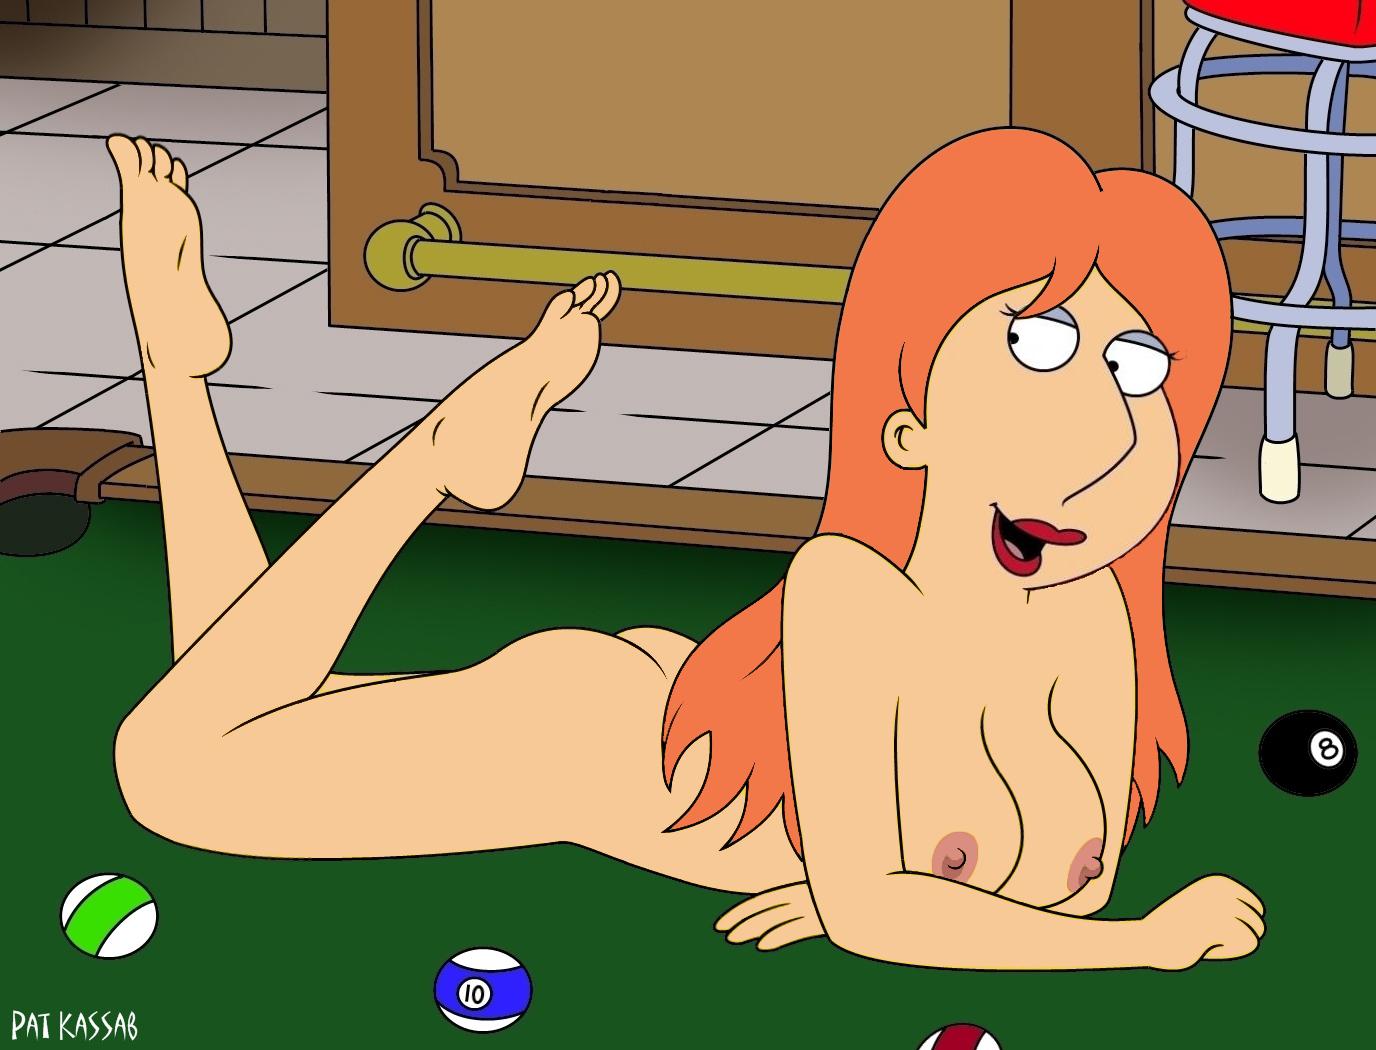 Sexy hot family guy lois naked having sex